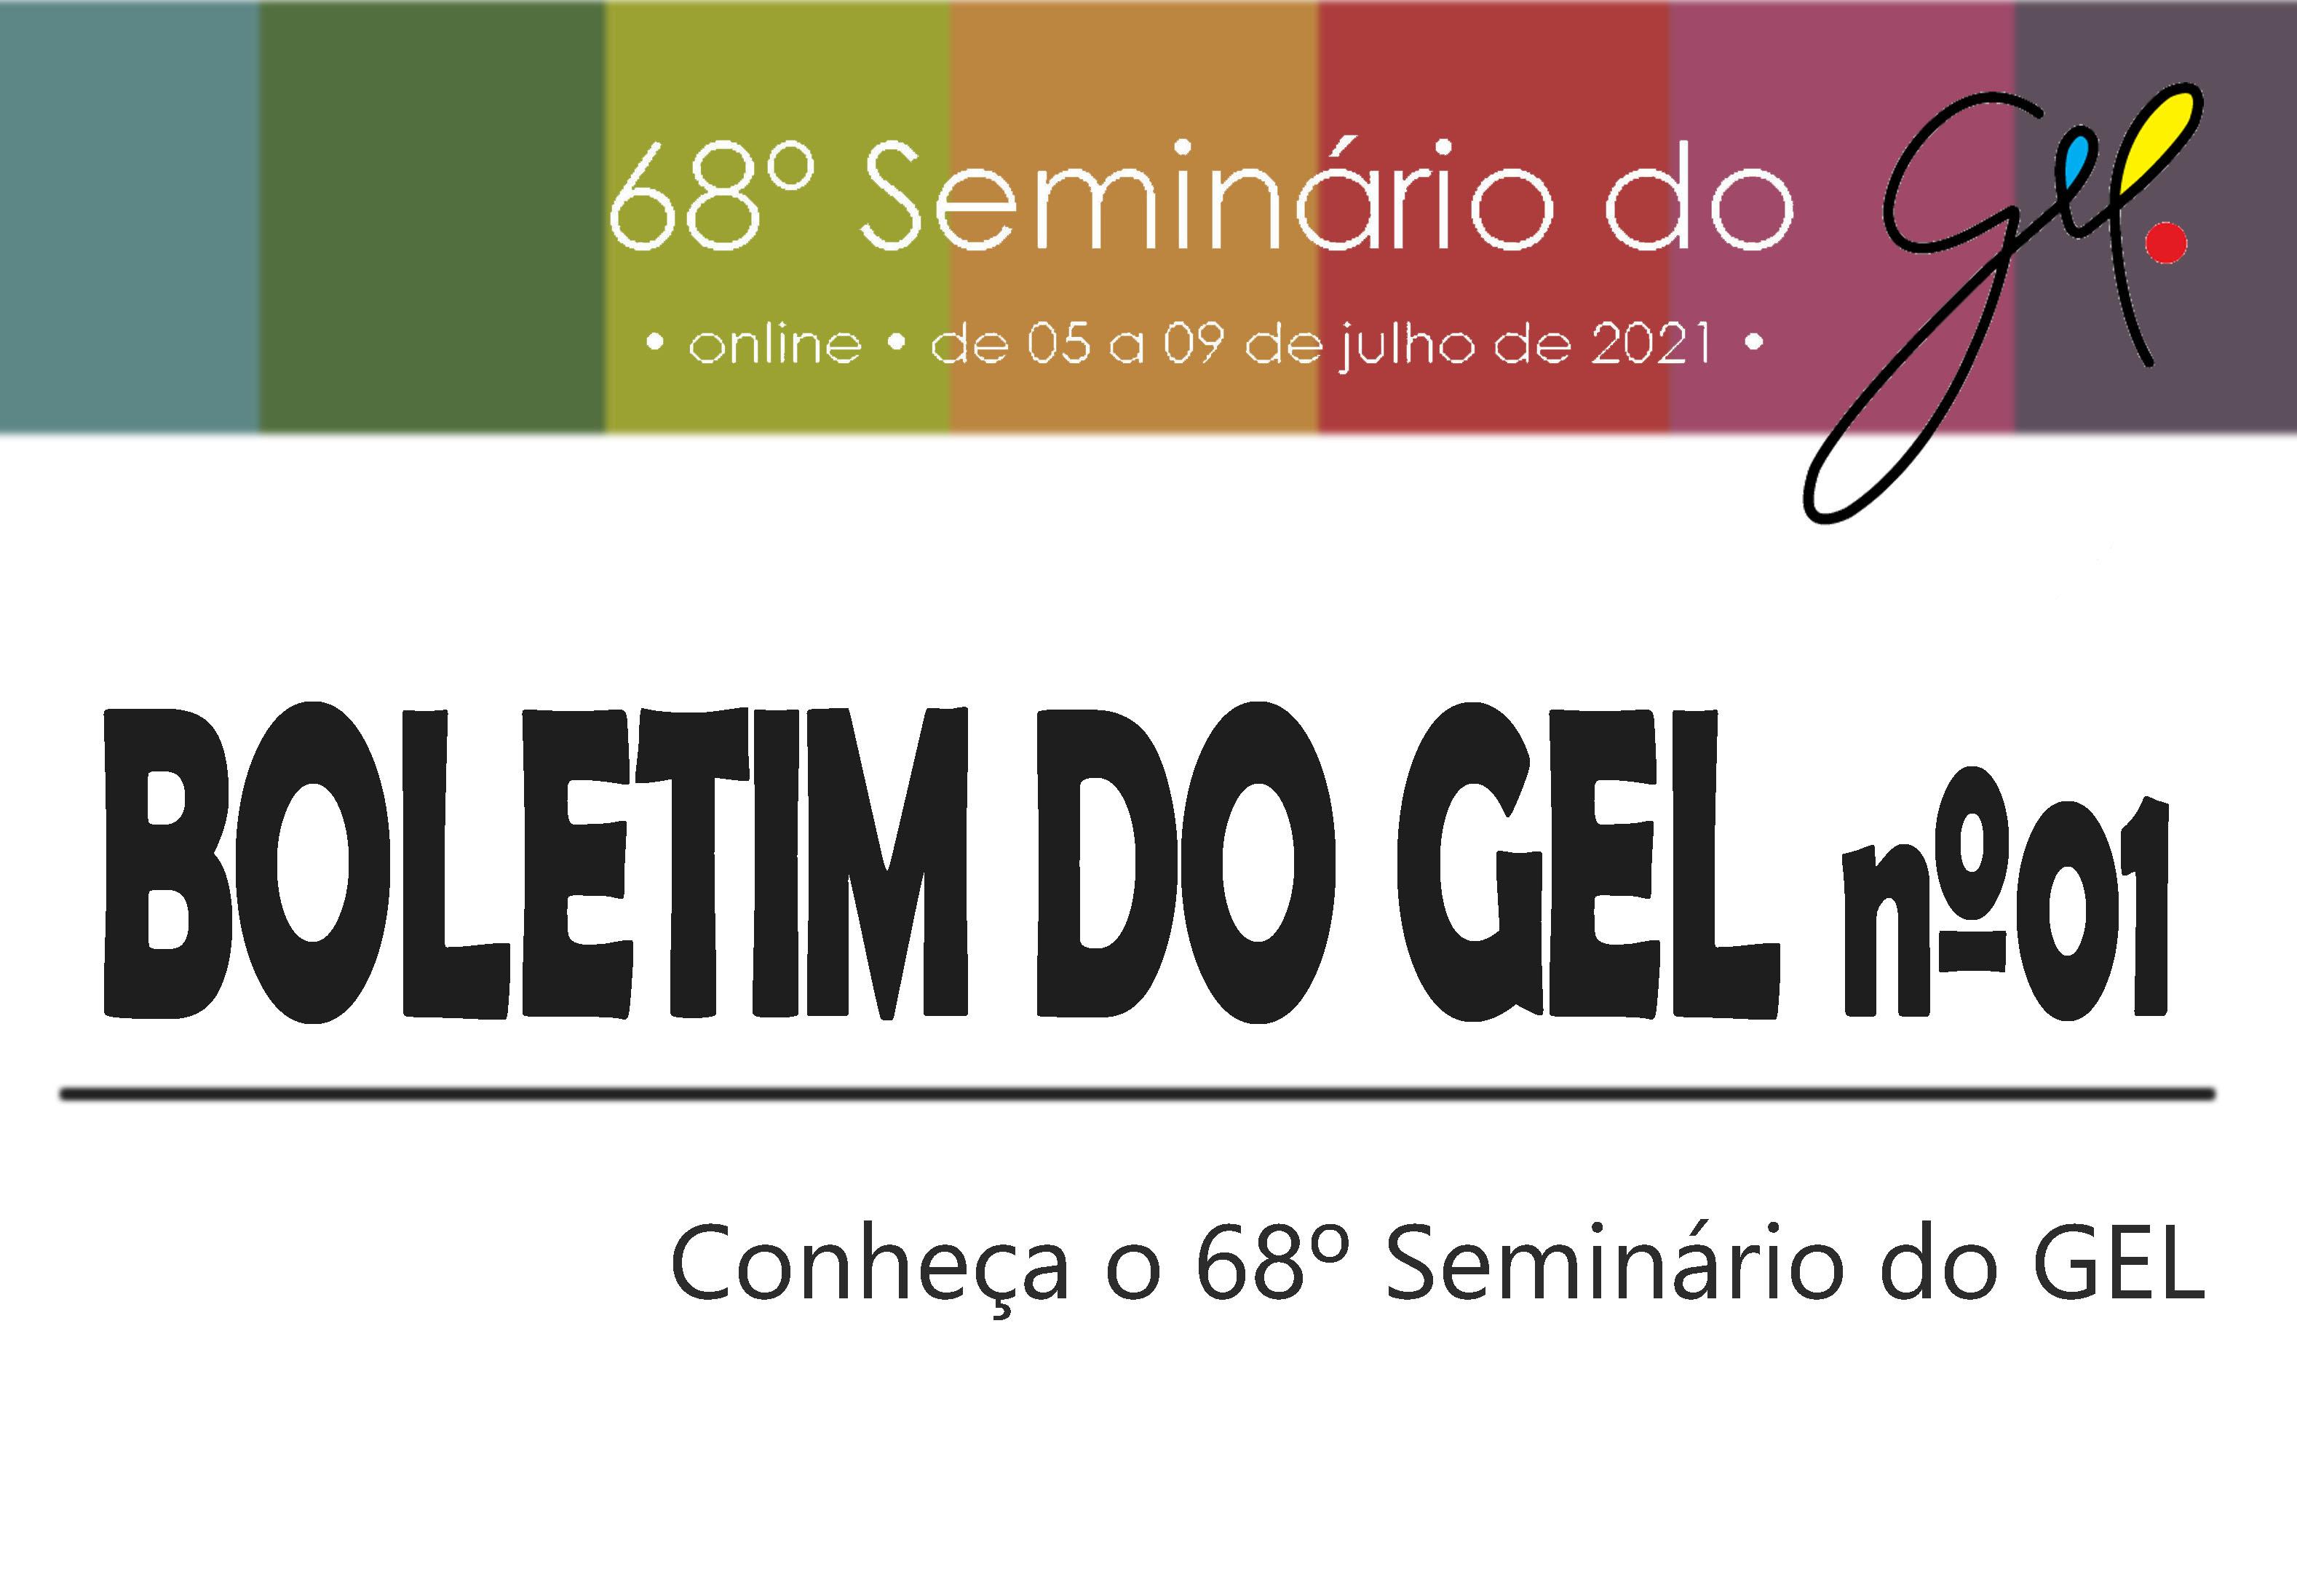 Boletim do GEL nº01